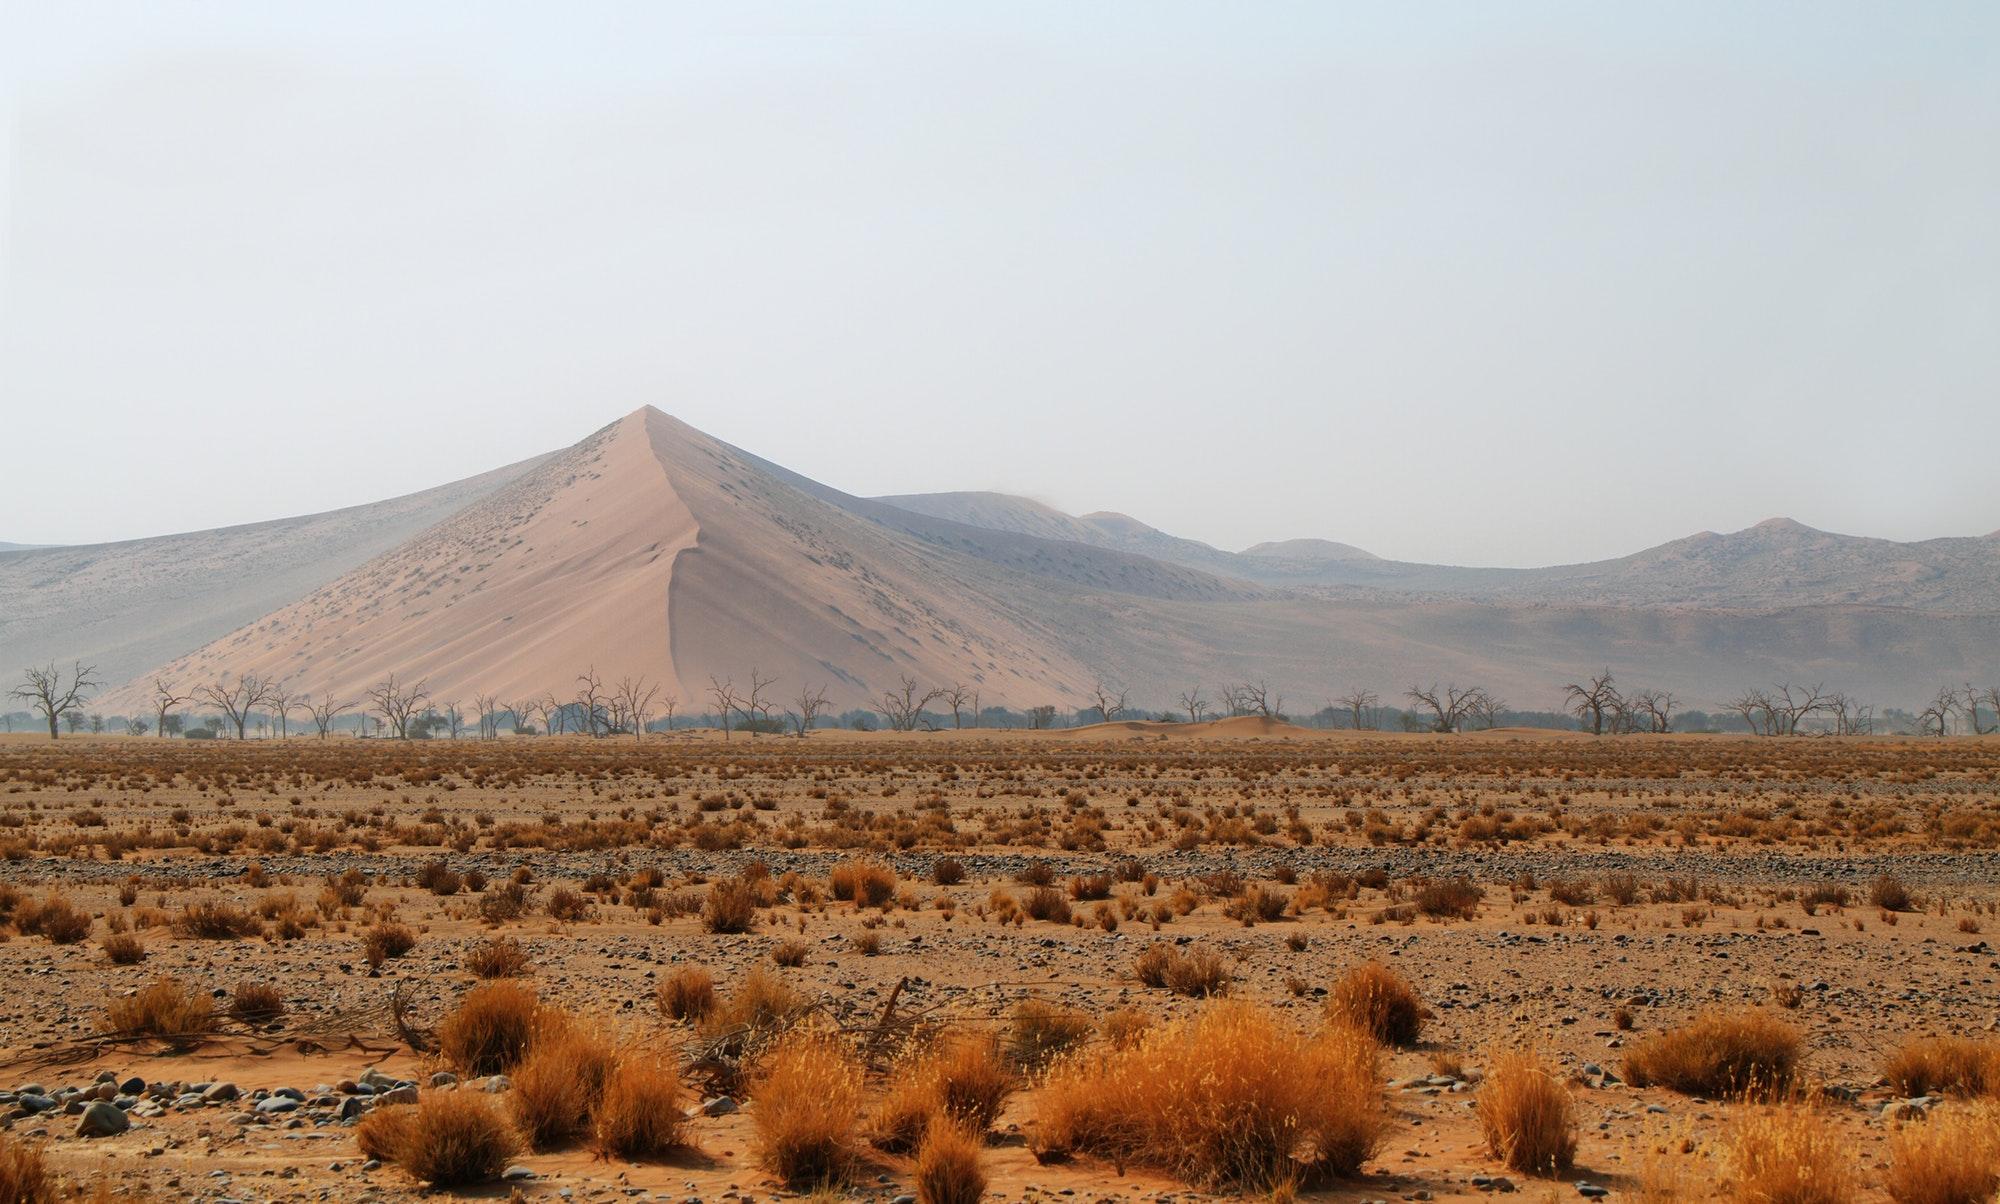 Dune in Namib desert